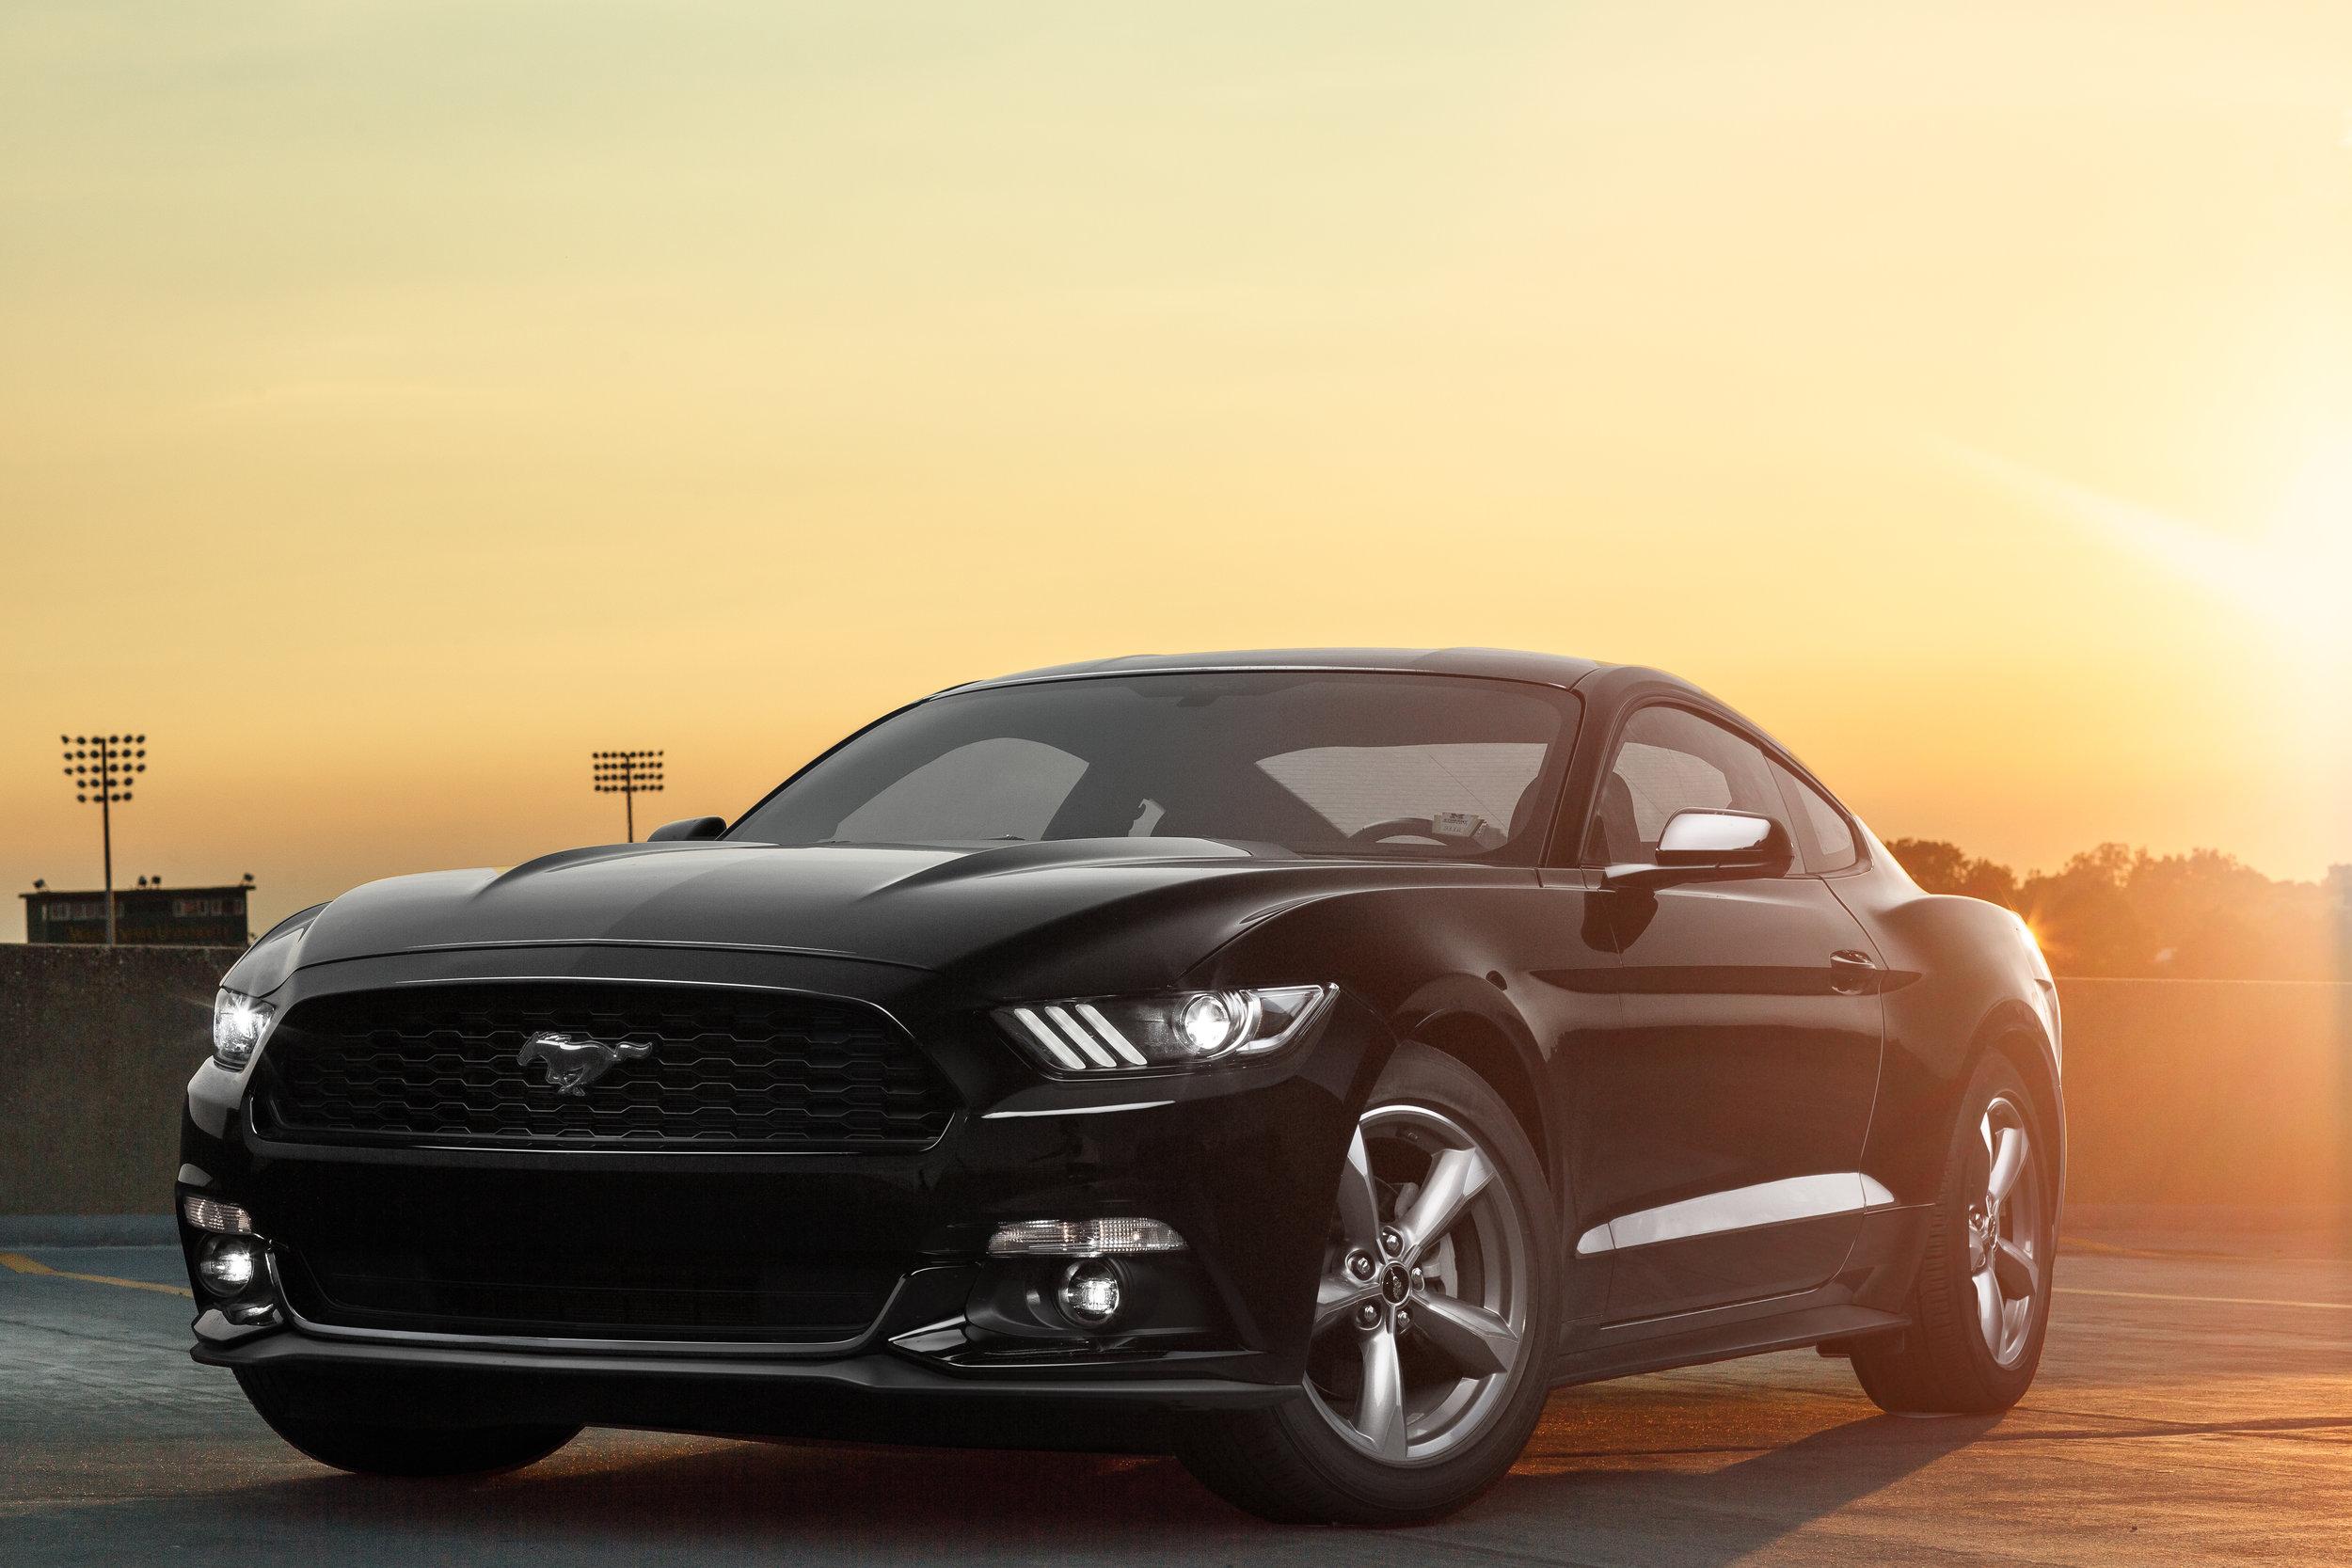 Mustang at Dusk